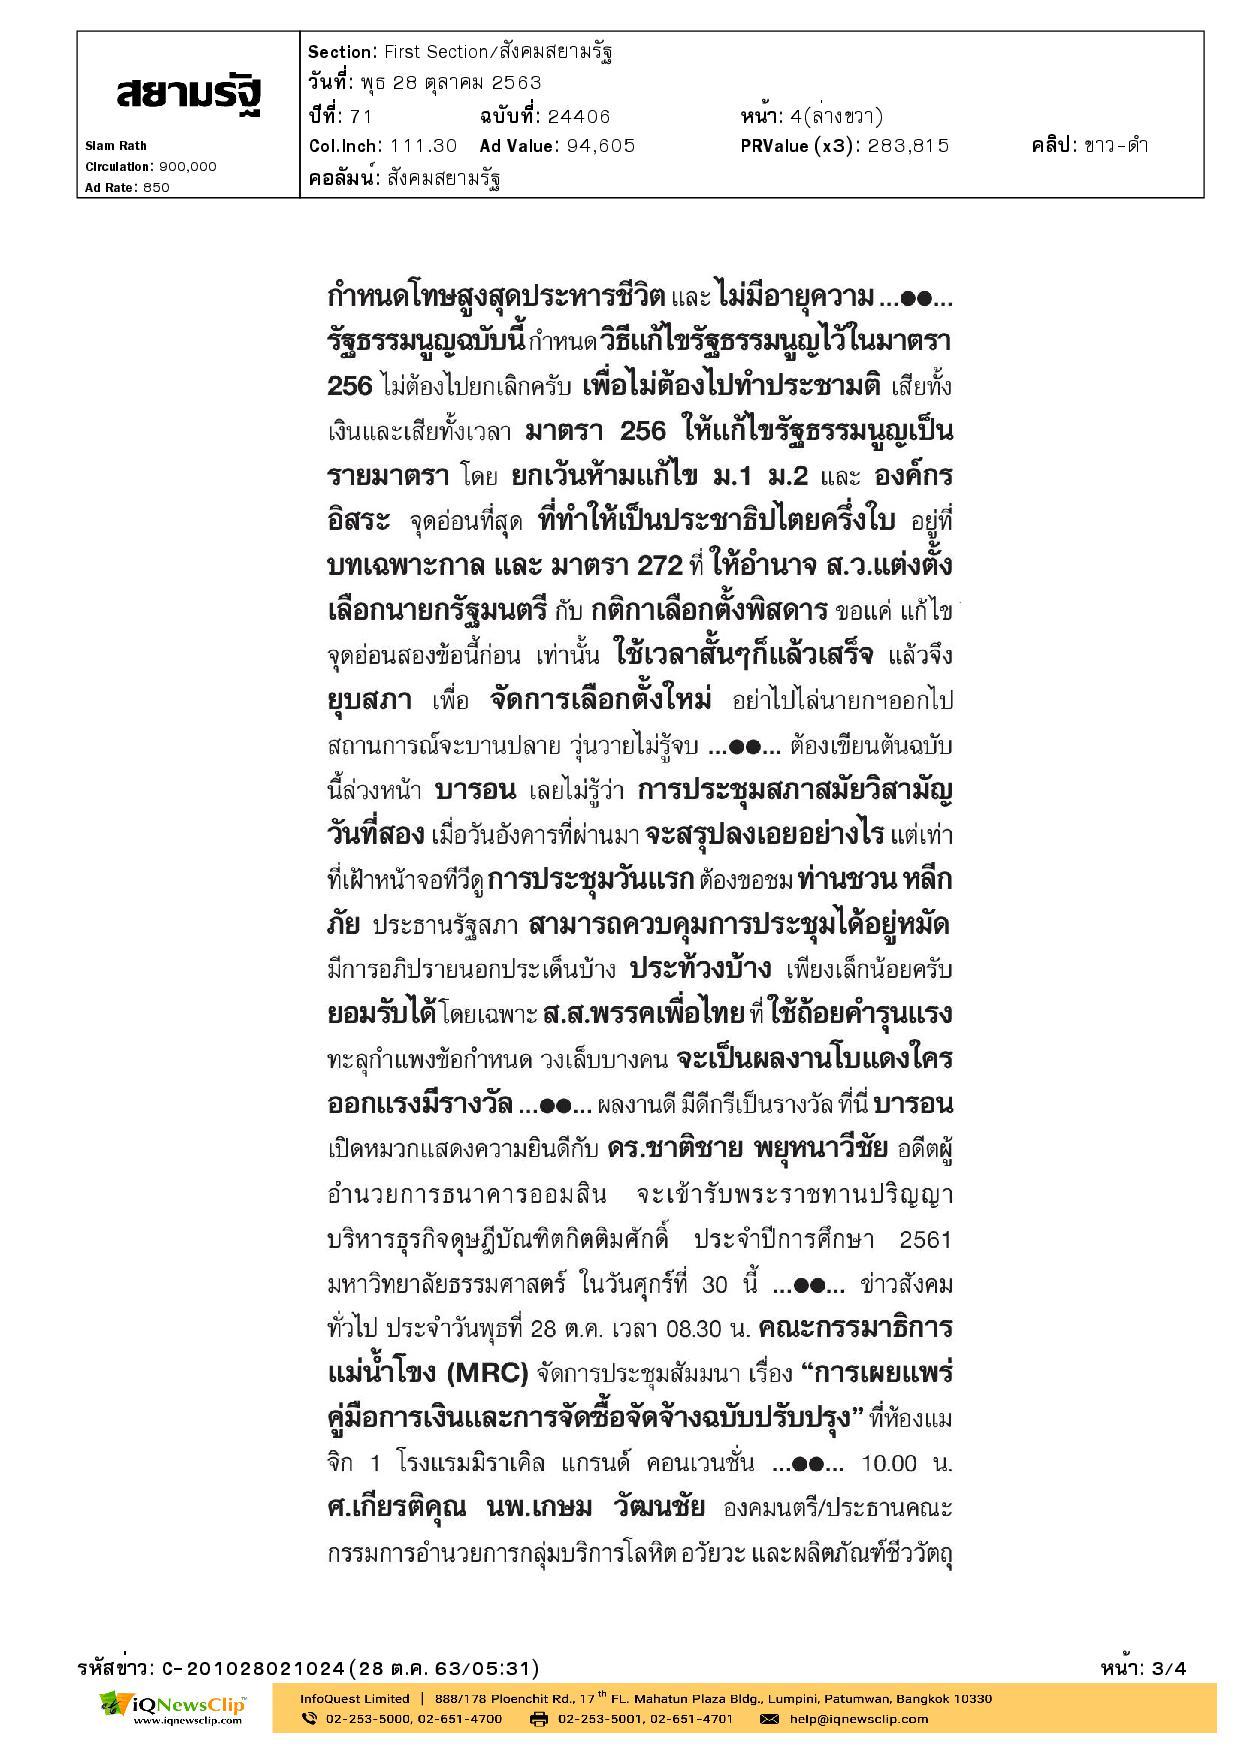 ศูนย์บริการโลหิตฯ เปิดหน่วยรับบริจาคโลหิตบ้านทรงไทย